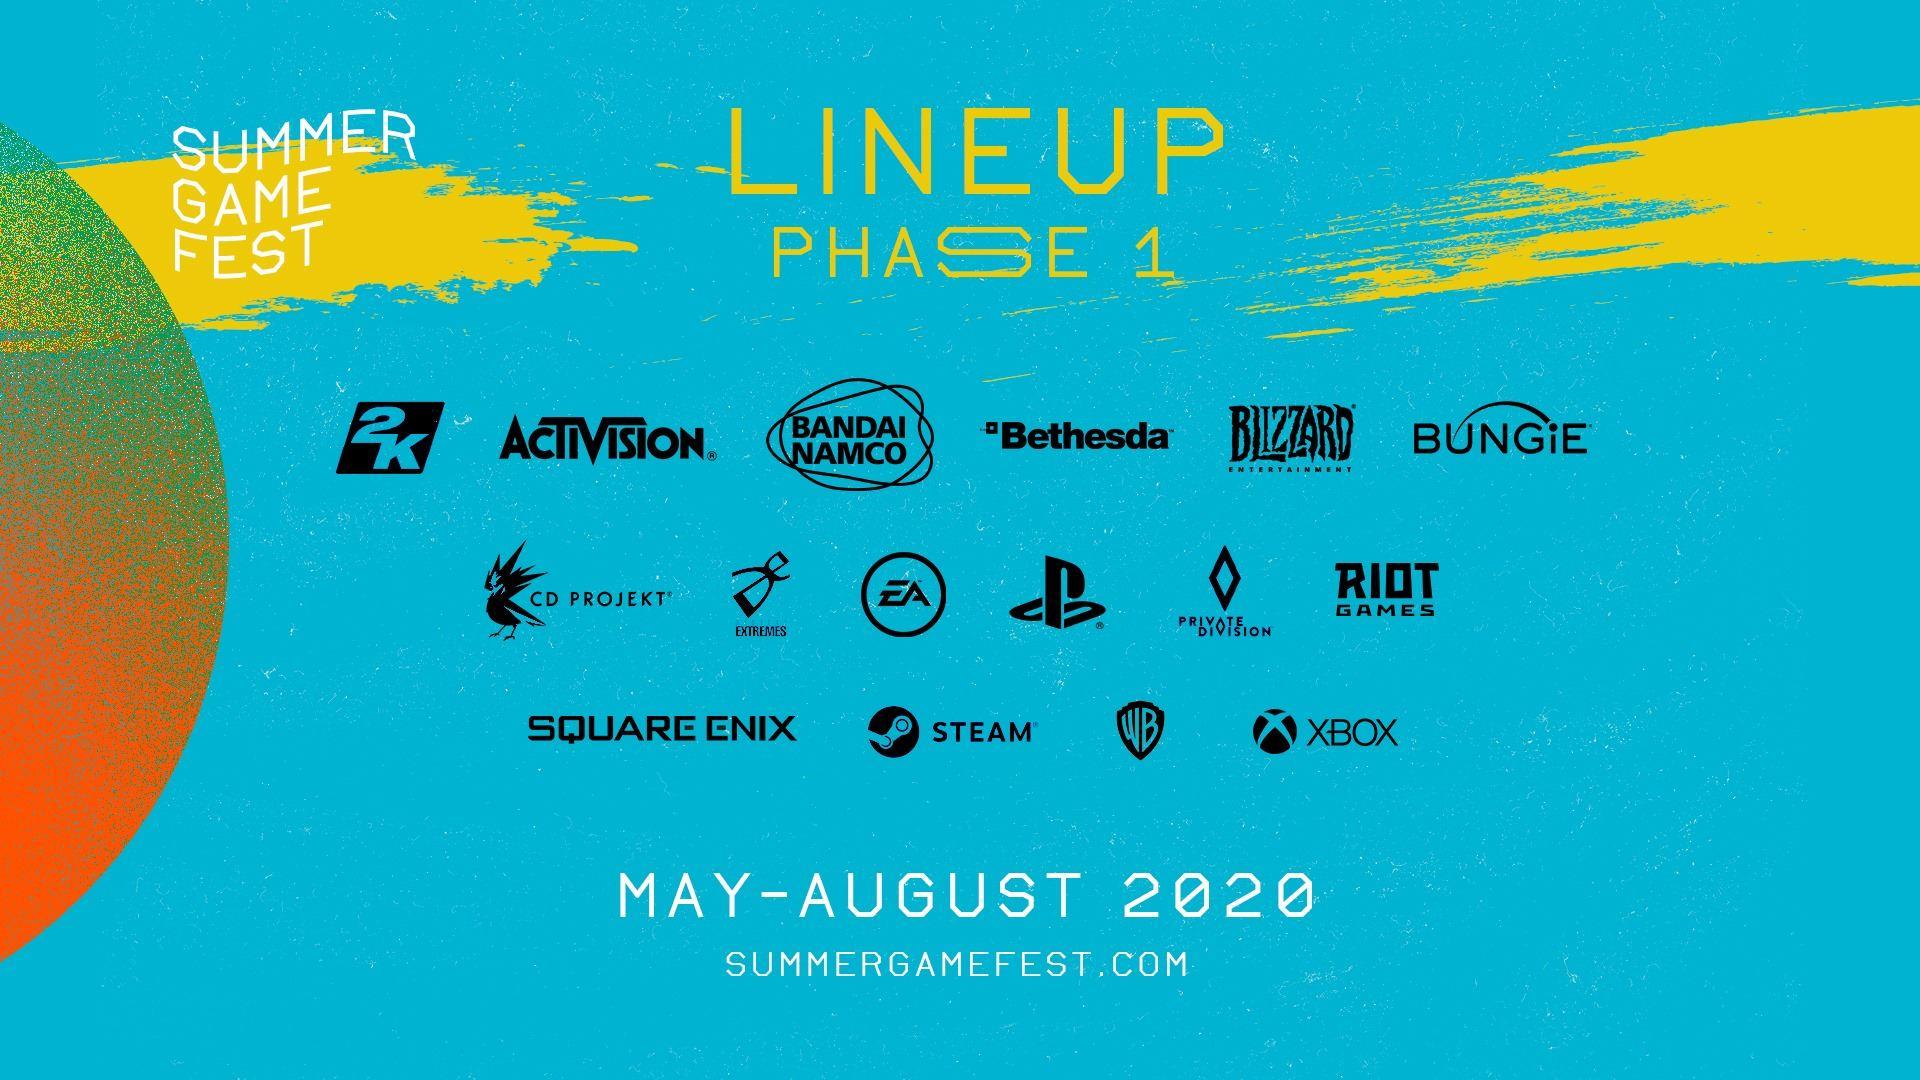 Summer Game Fest Phase 1